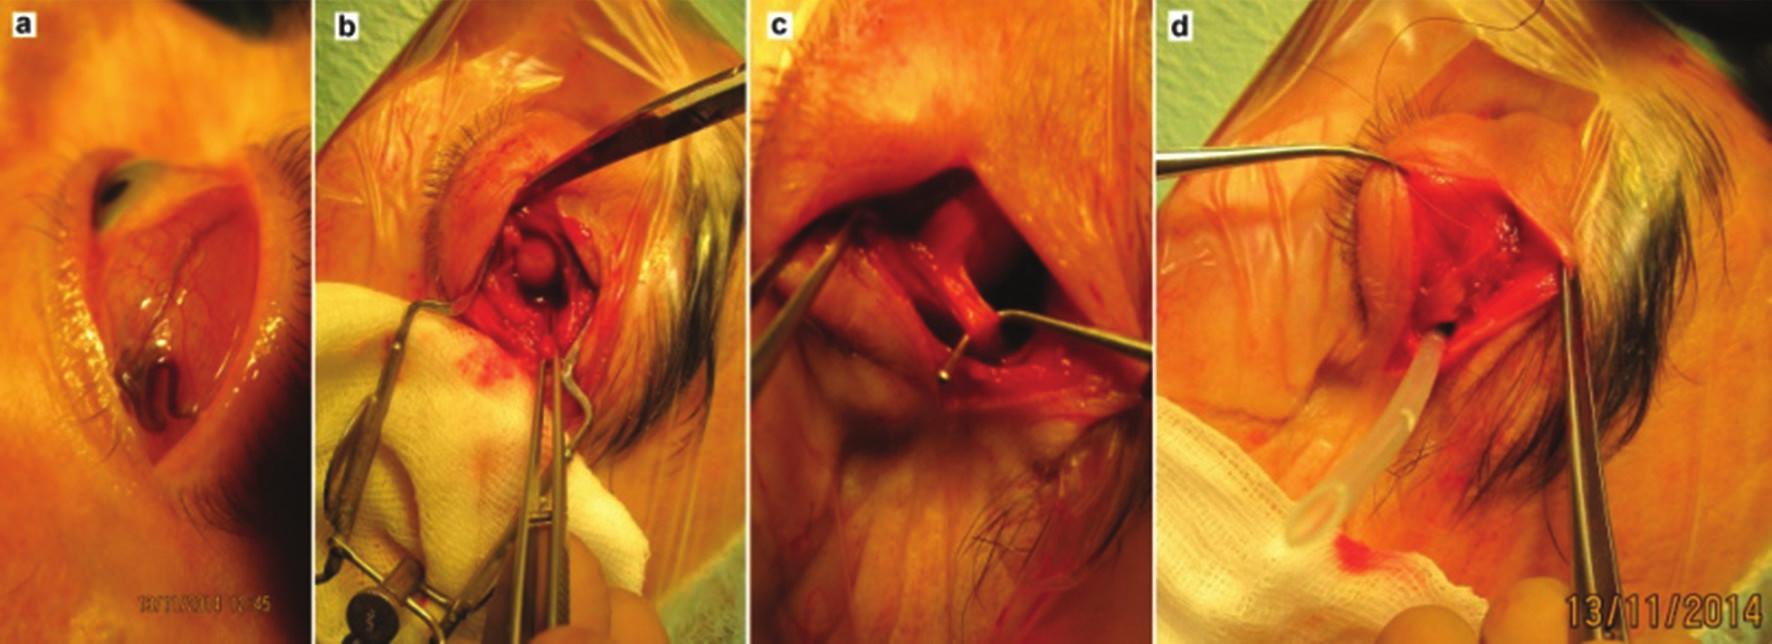 Pacient s lymfómom očnice infiltrujúcim horný temporálny kvadrant spojovky a fornix: a) klinický obraz pred začatím operácie, b) peroperačne vizualizácia nádorového ložiska, c) ložisko pod úponom horného šikmého svalu, d) pred ukončením zákroku naložený drén